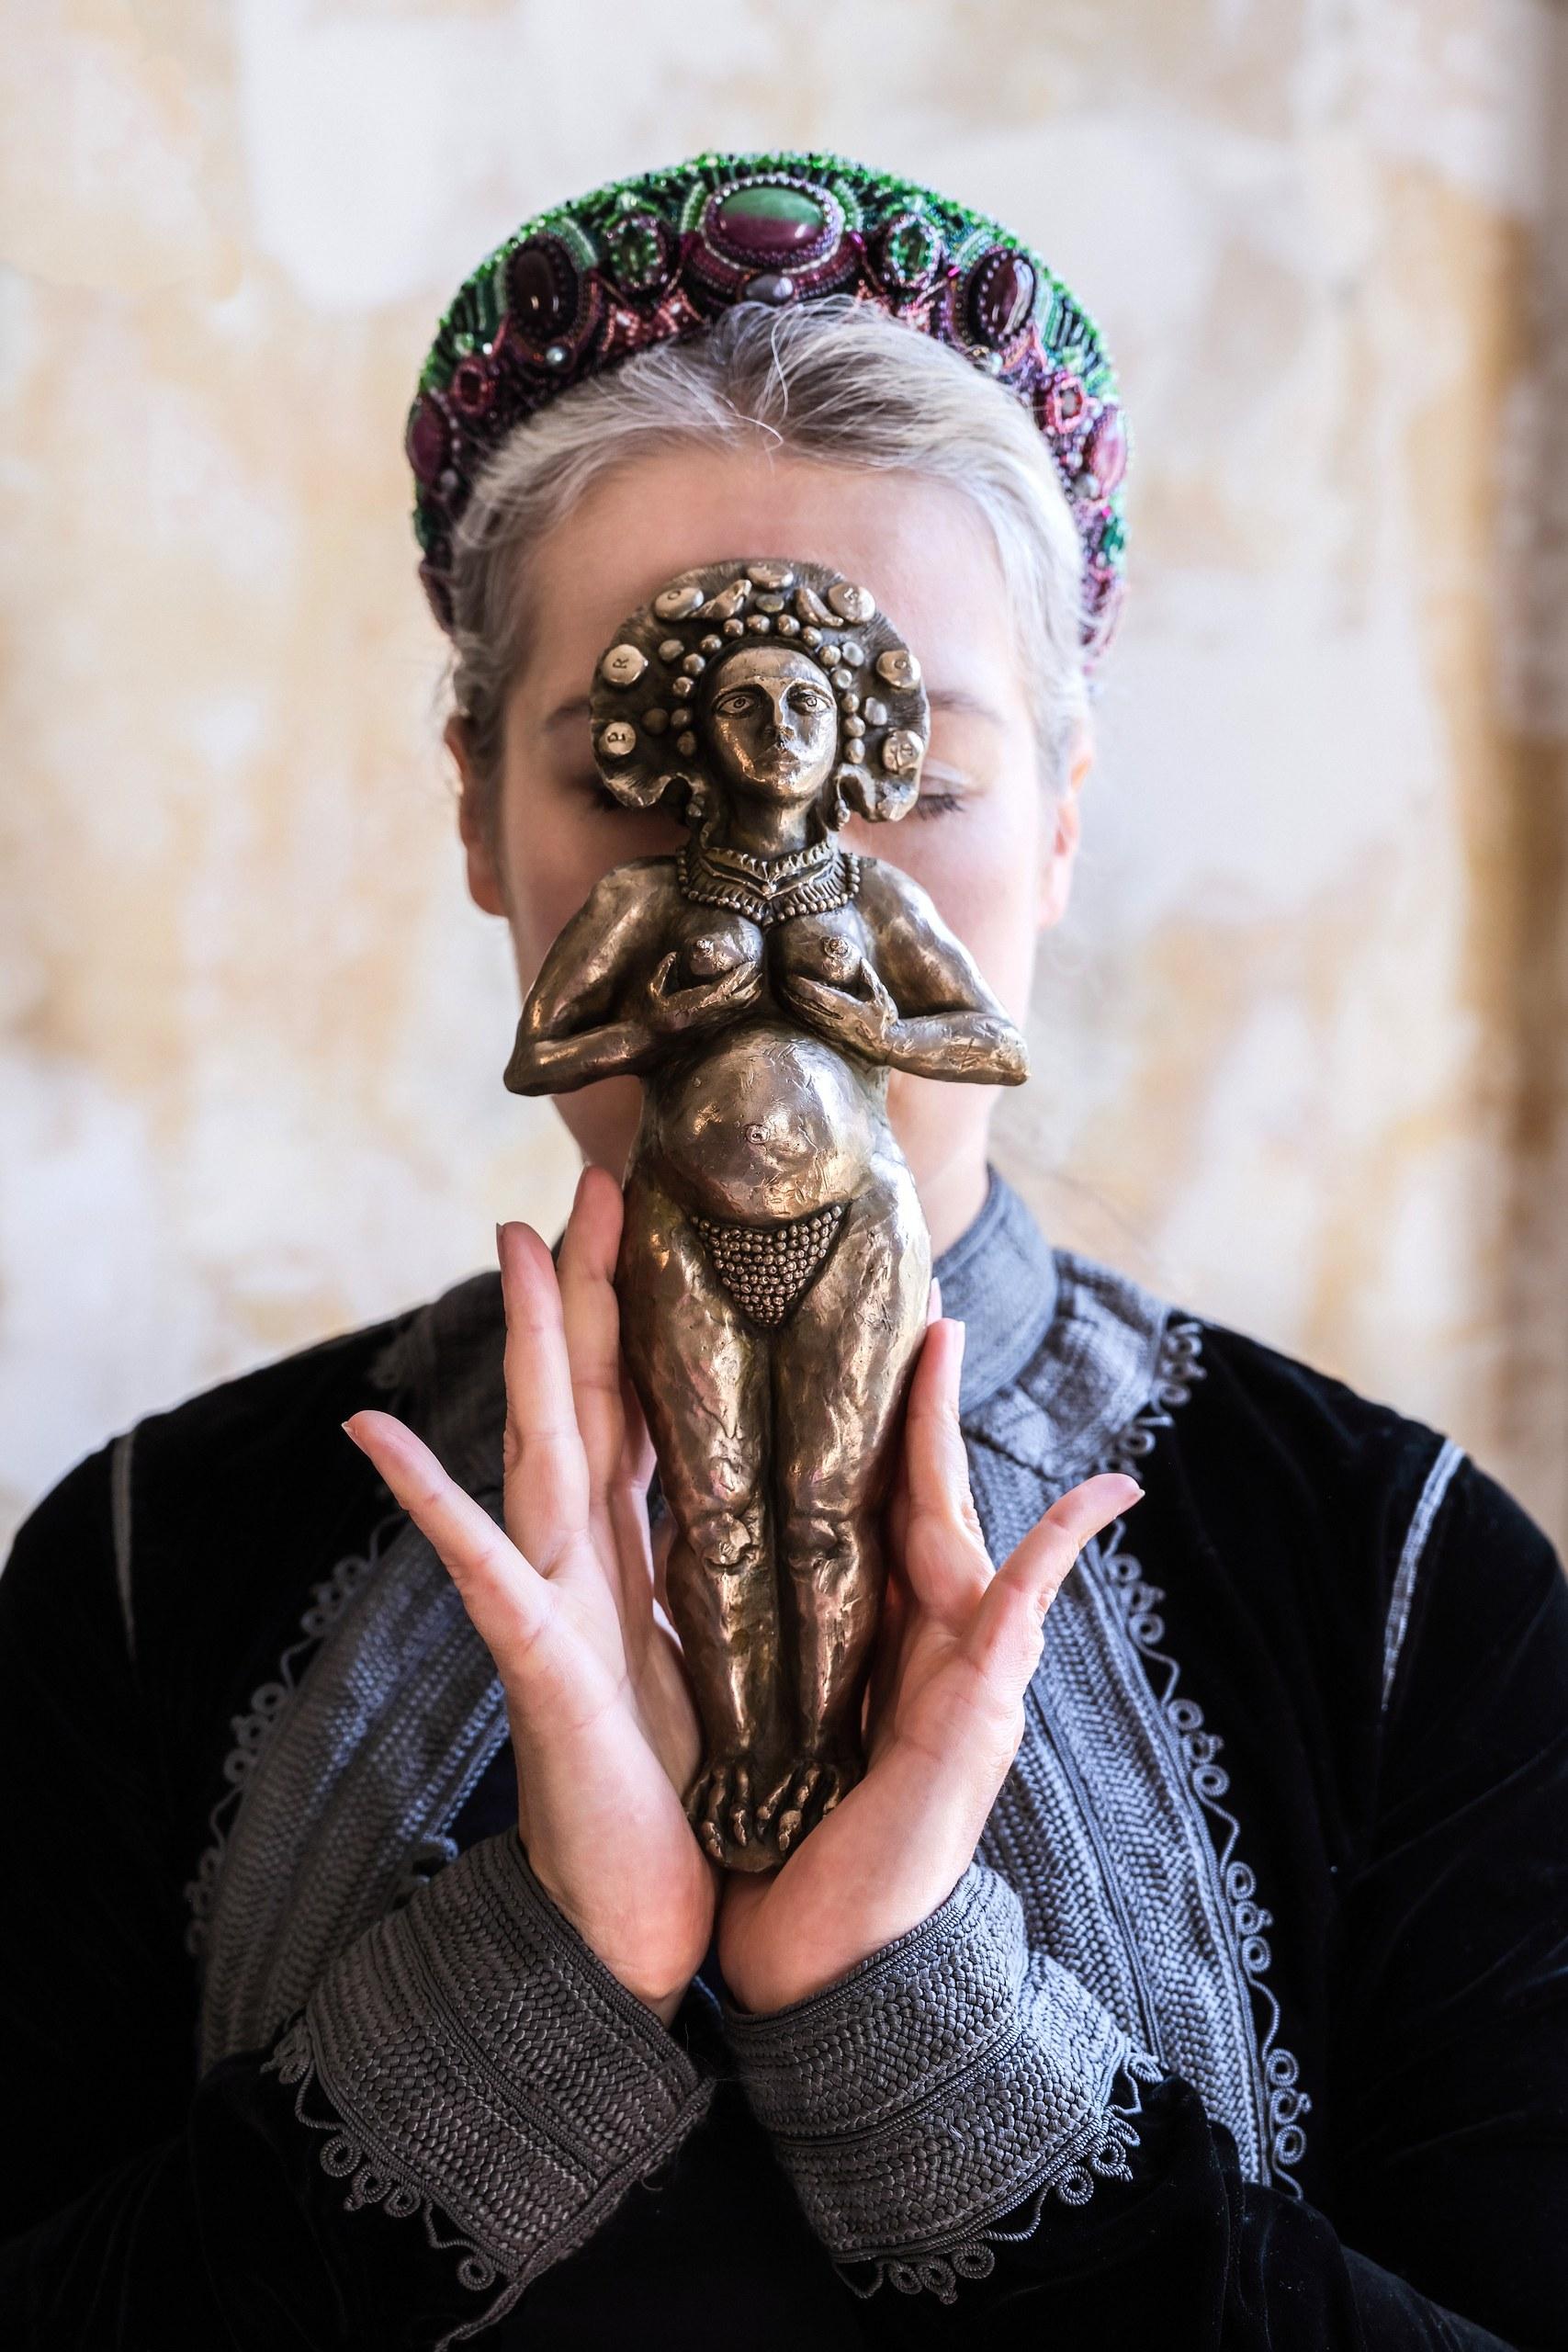 Porttrait with Expectation Sculpture.